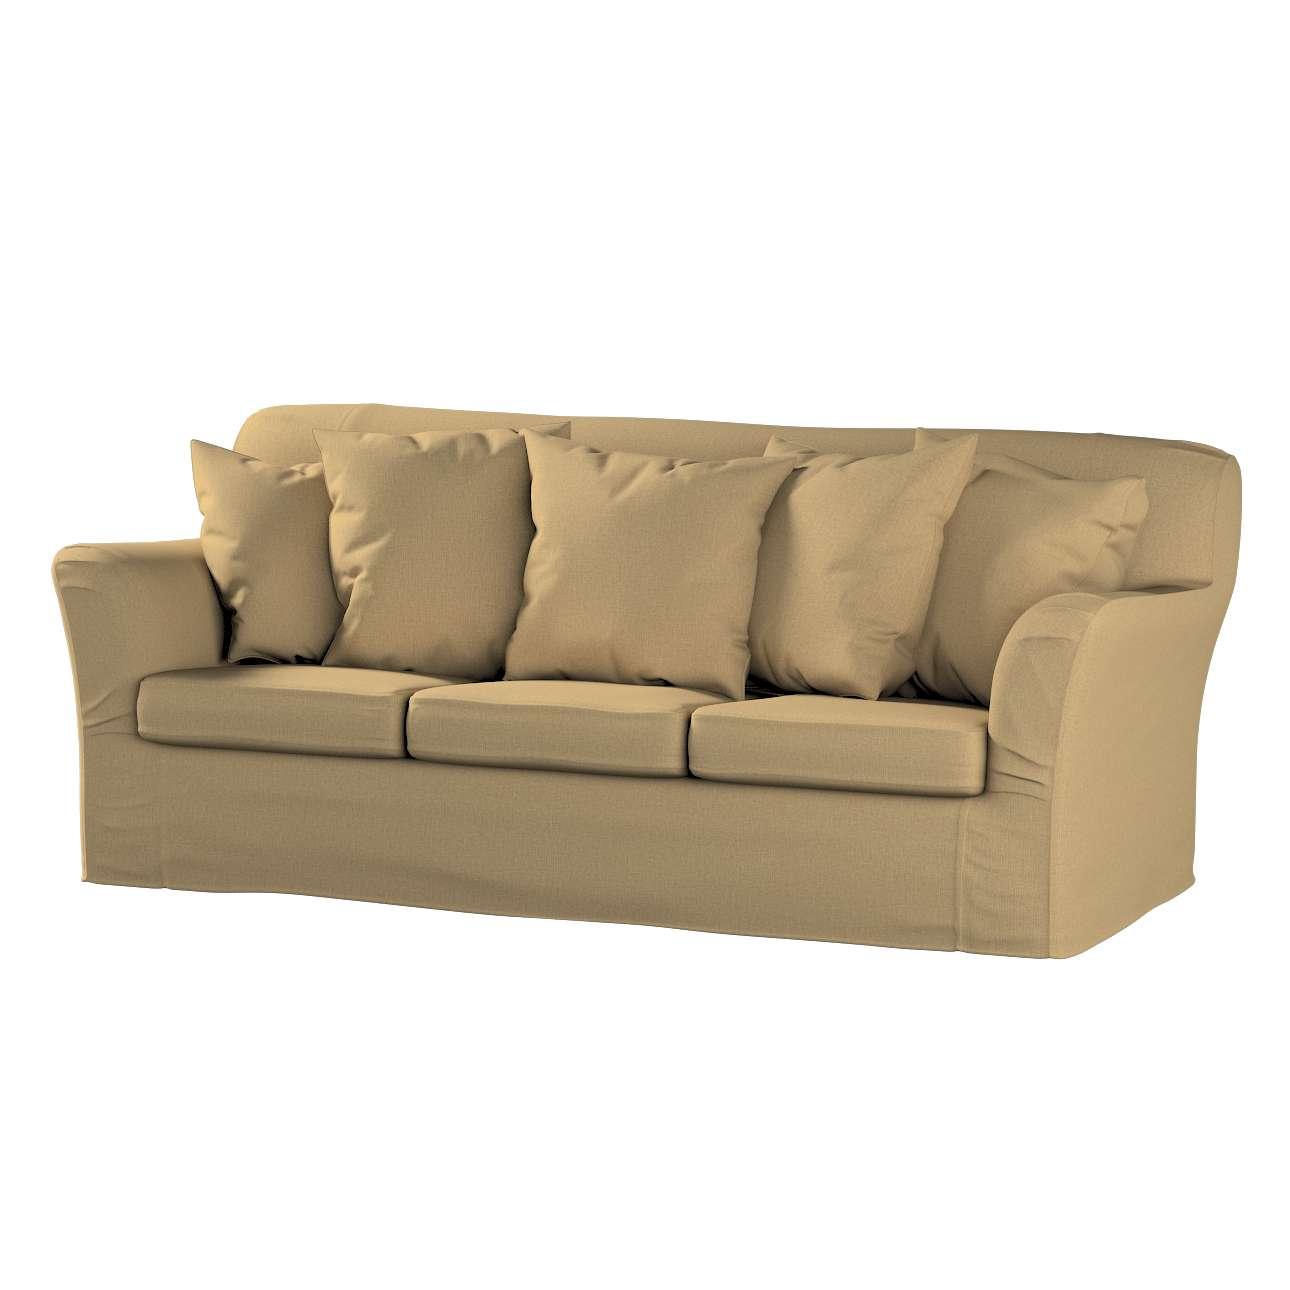 Bezug für Tomelilla 3-Sitzer Sofa nicht ausklappbar von der Kollektion Living, Stoff: 161-50